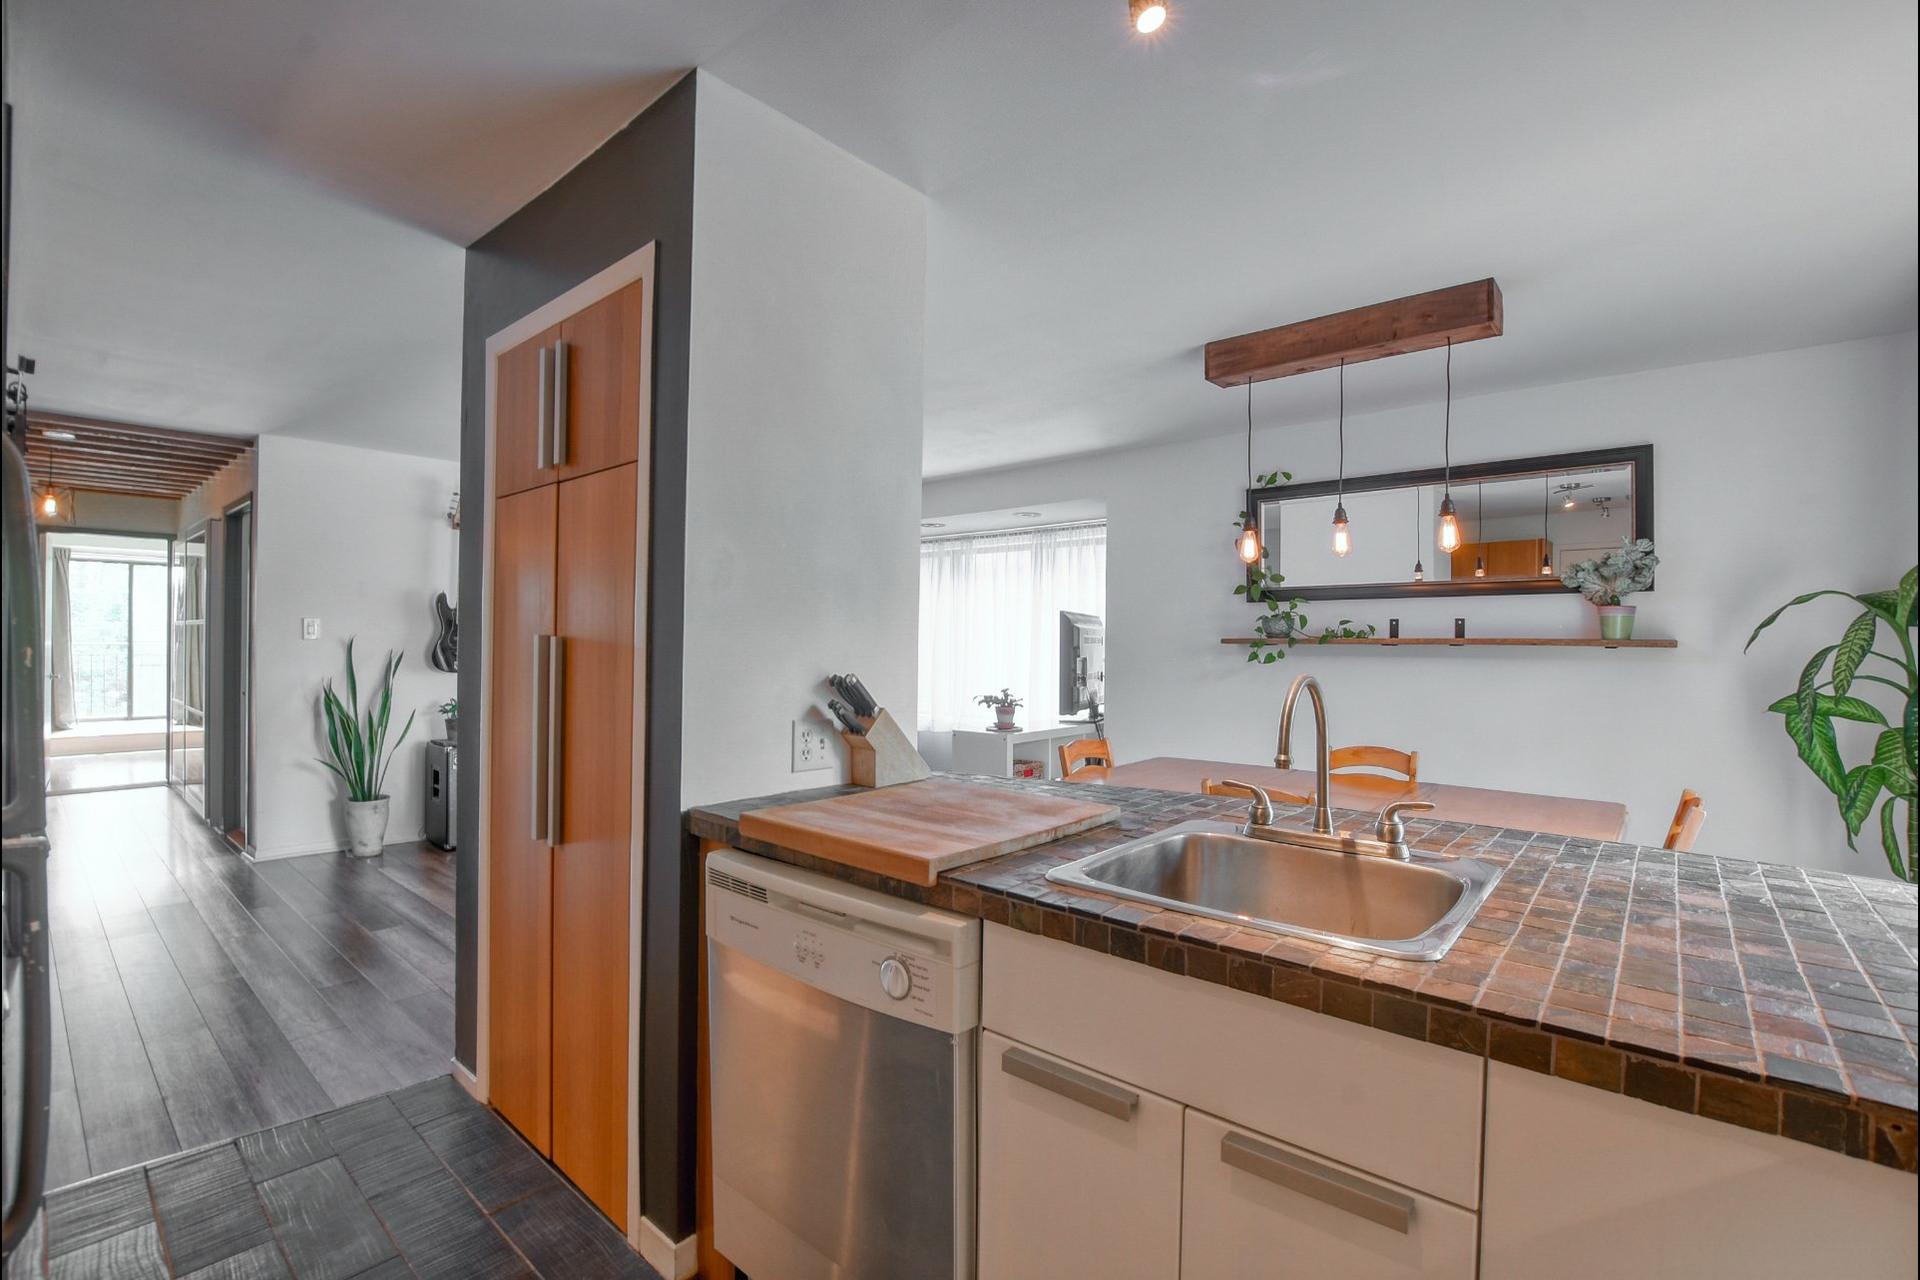 image 8 - Appartement À vendre Ahuntsic-Cartierville Montréal  - 5 pièces